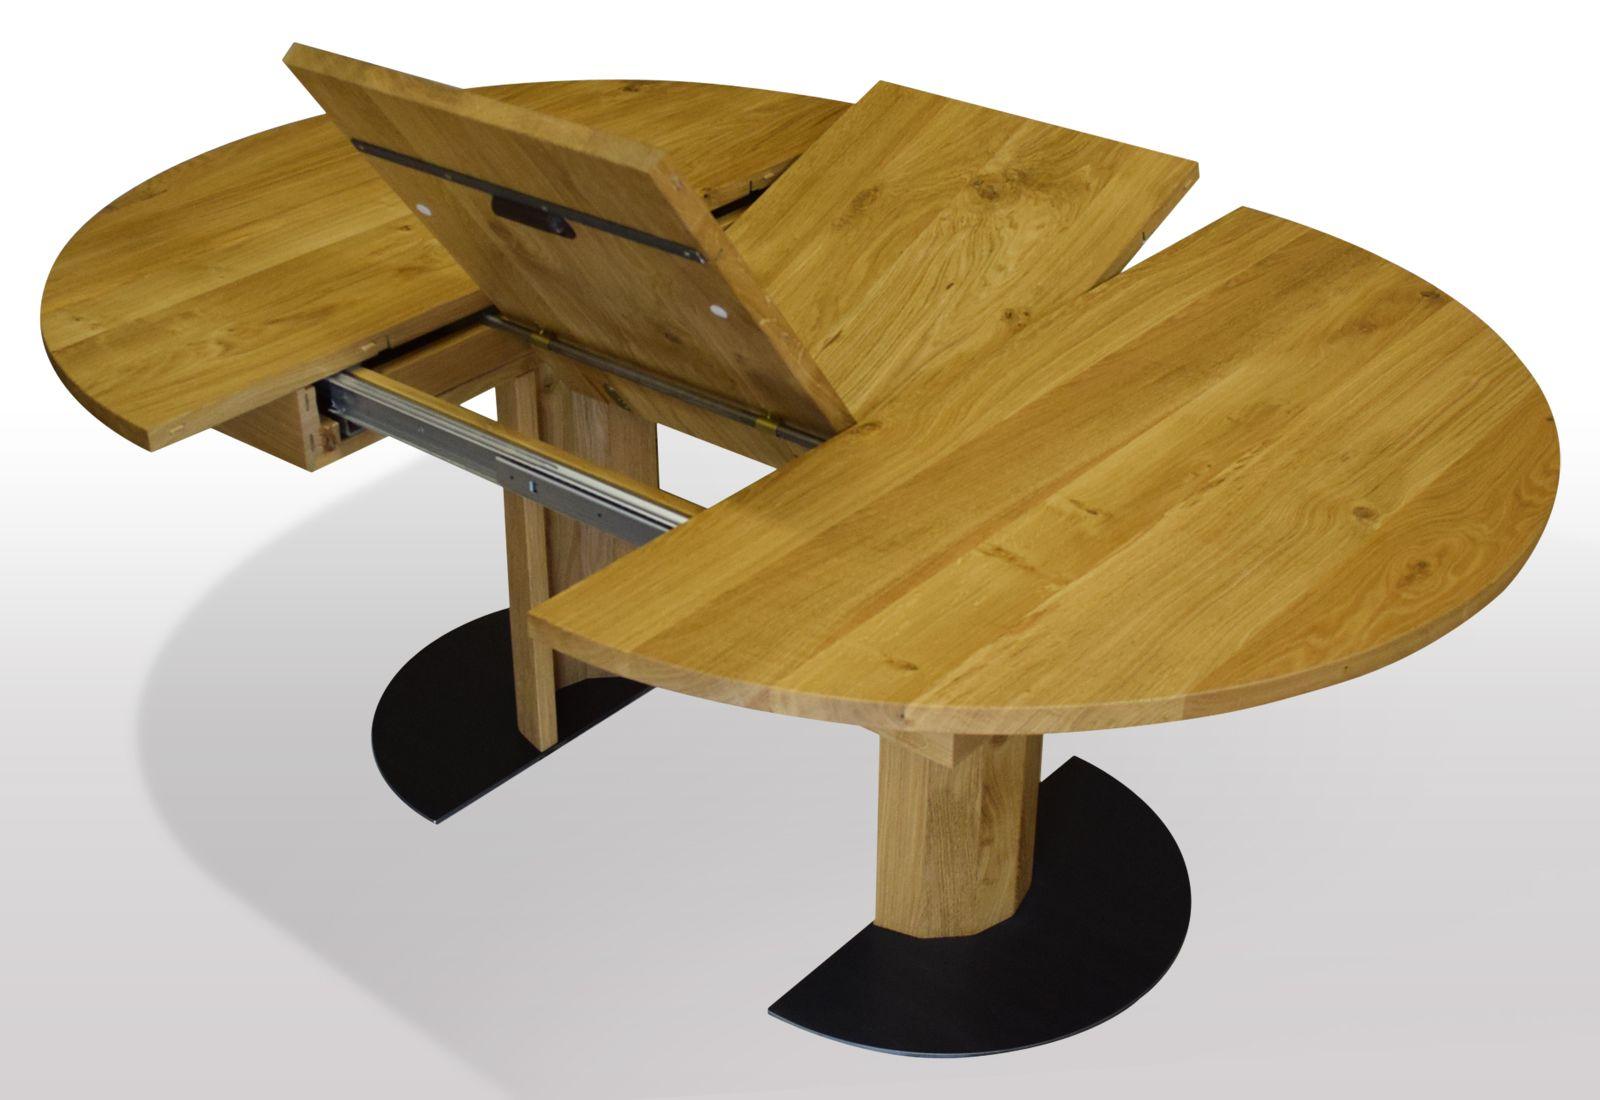 Runder Tisch Nach Mass Aus Eiche Massiv Ausziehbar Per Mittelauszug Mit Integrie Runder Esstisch Zum Ausziehen Esstisch Rund Ausziehbar Esstisch Zum Ausziehen